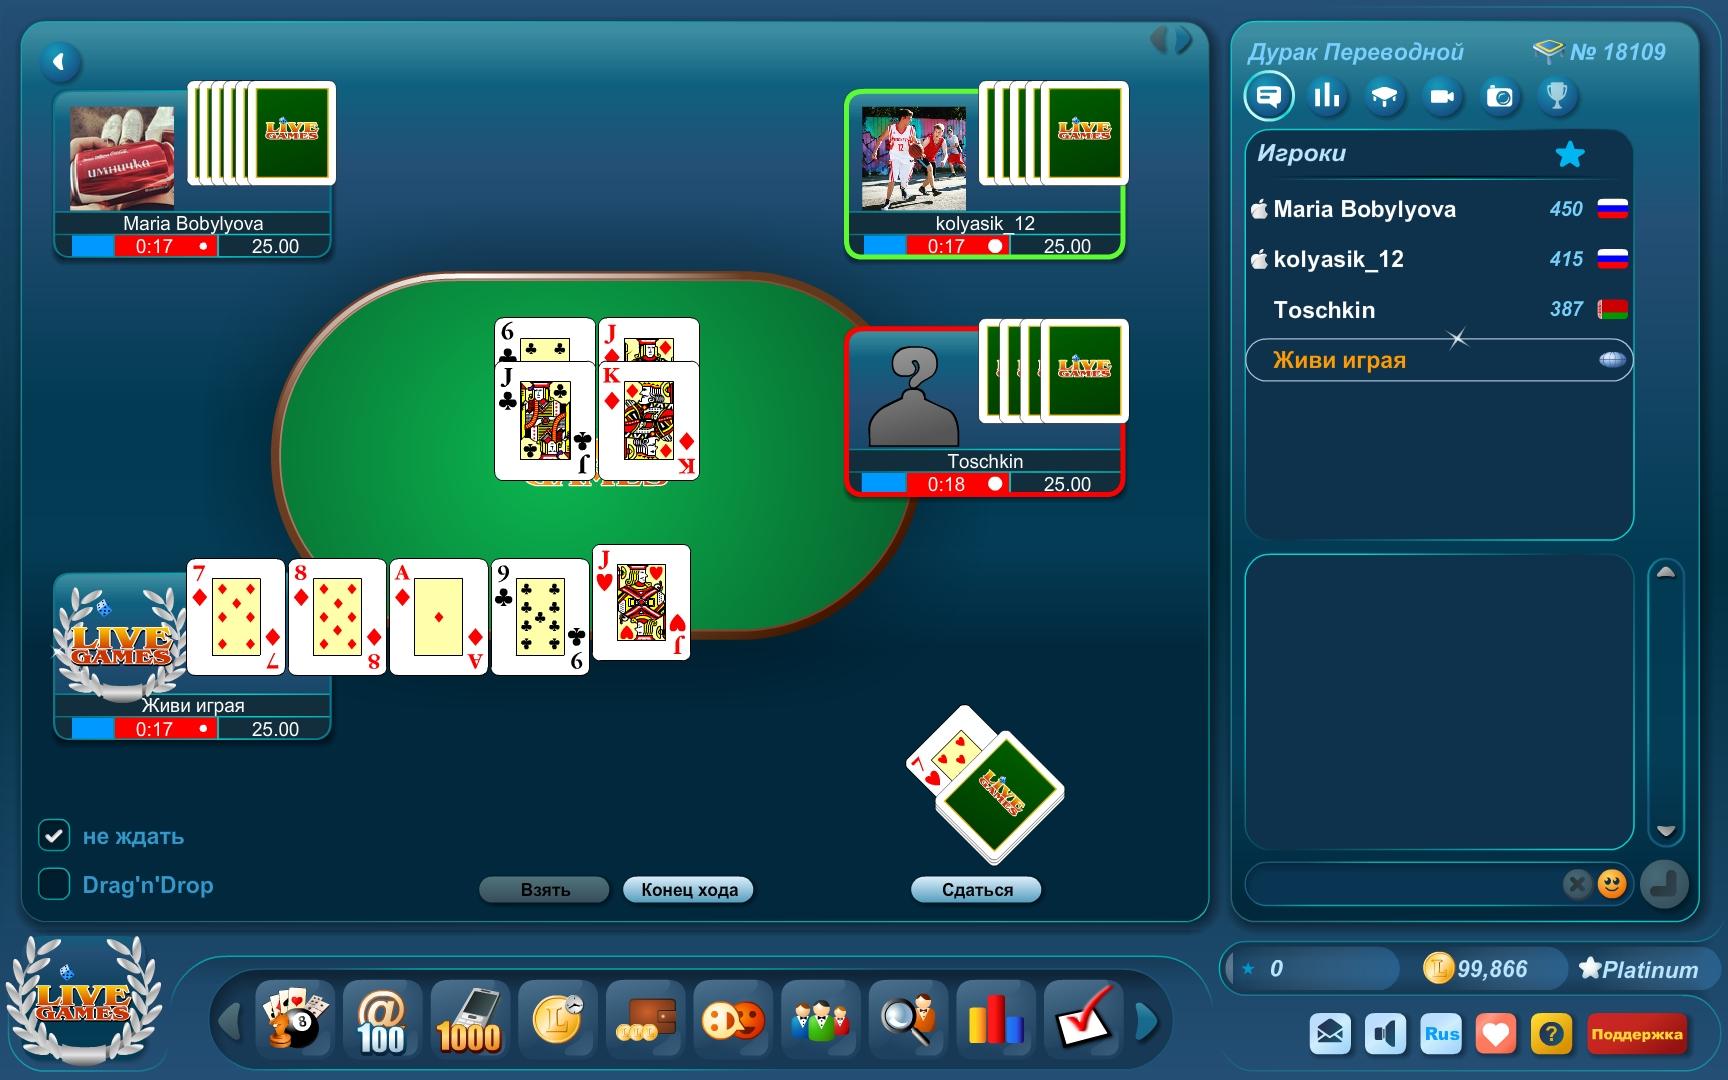 Описание карточной игры «дурак» - карточные игры - играем в карты онлайн